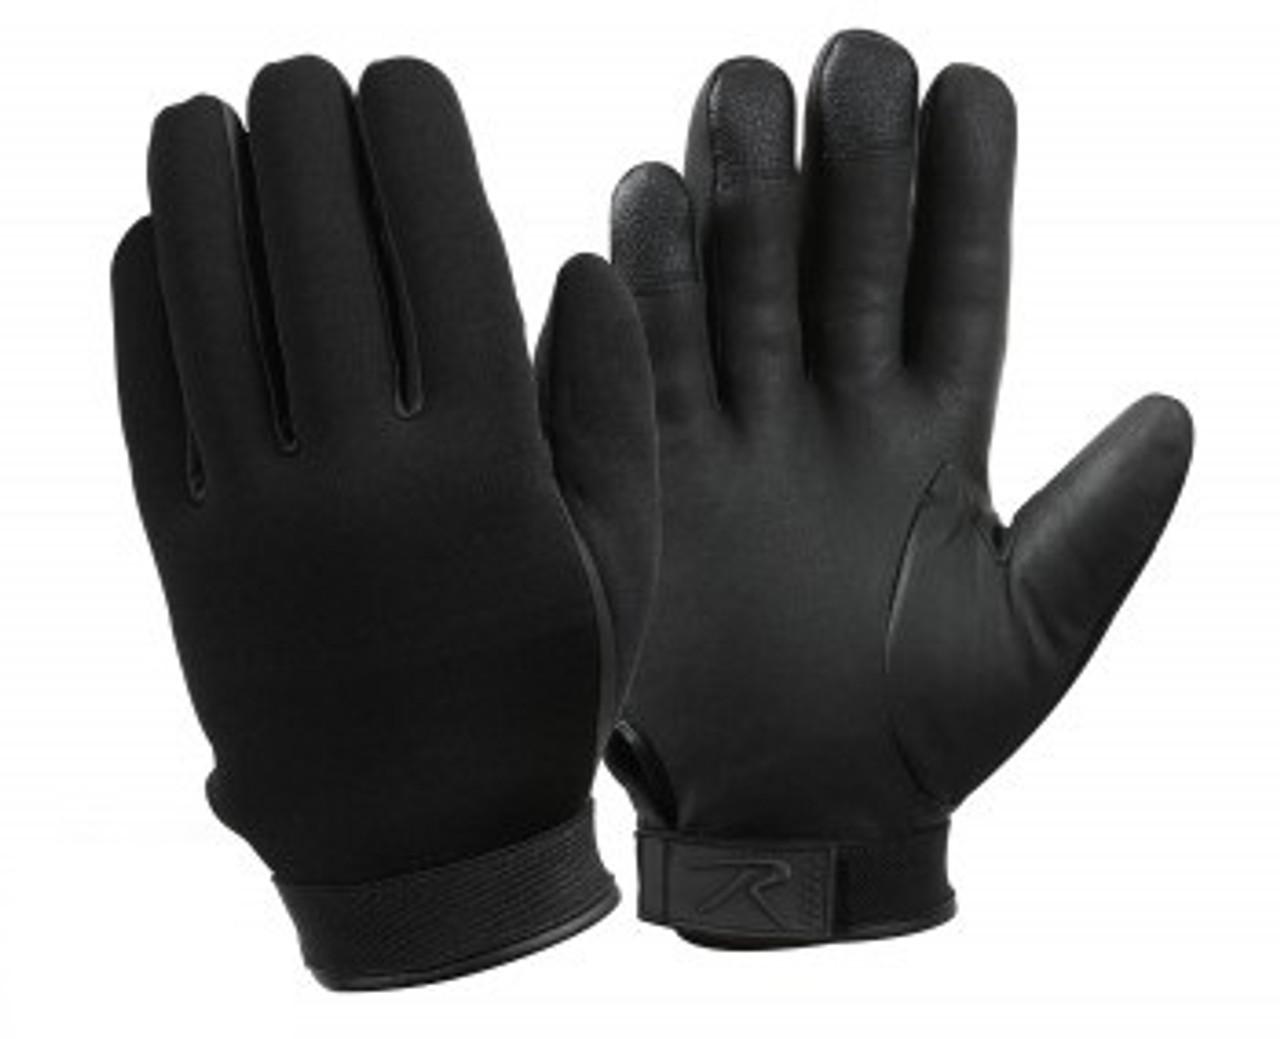 Neoprene Gloves from Hessen Antique